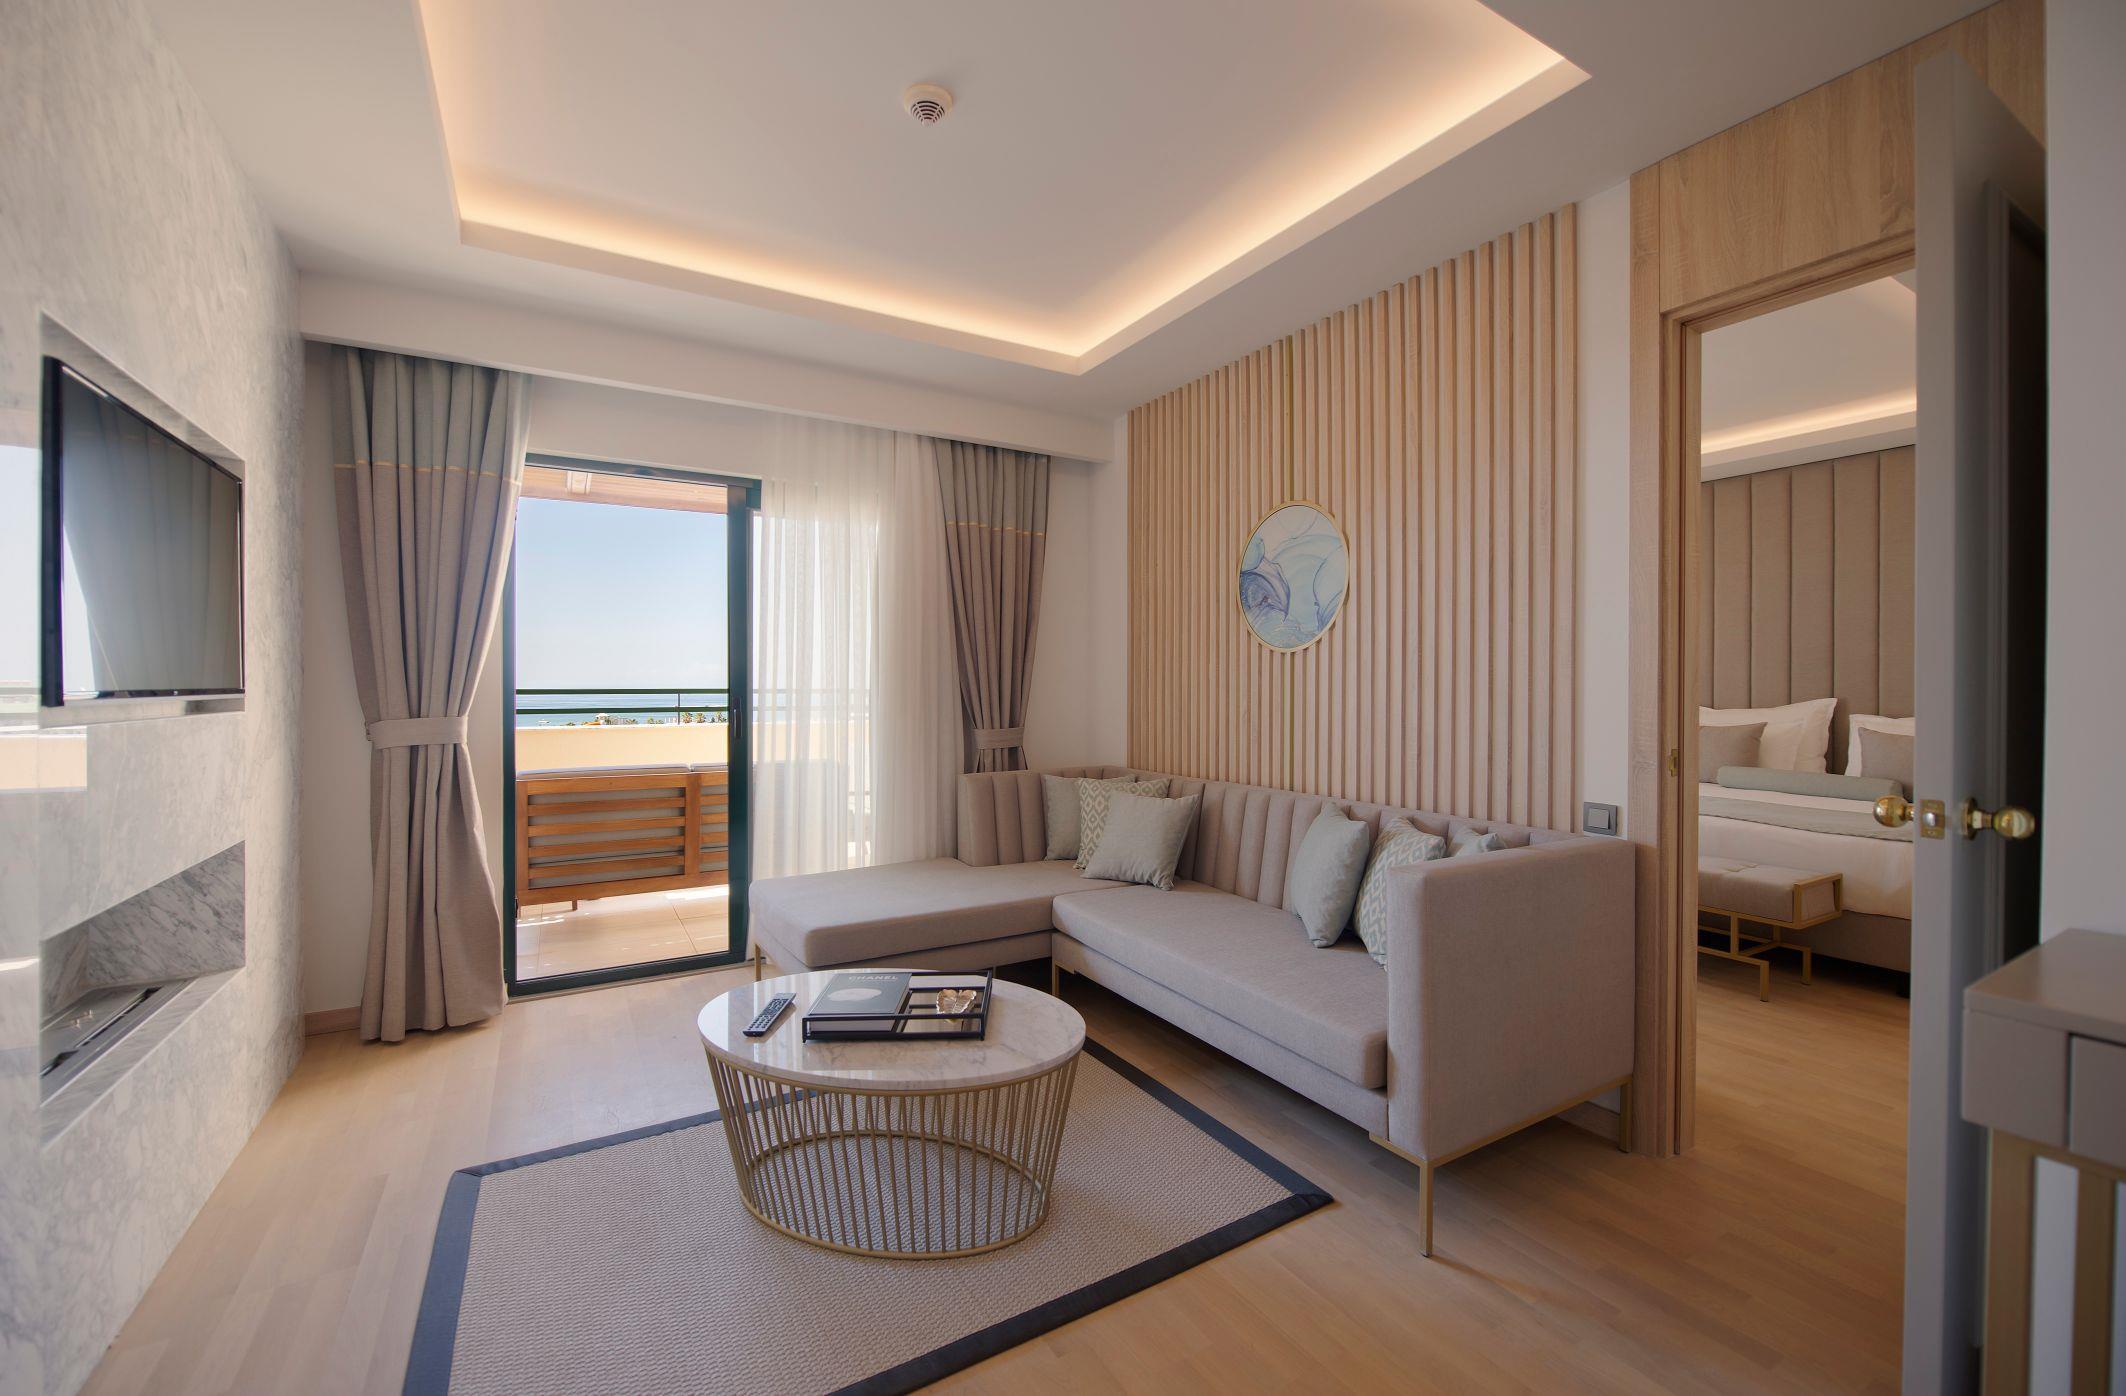 http://www.orextravel.sk/OREX/hotelphotos/miramare-queen-hotel-general-0015.jpg